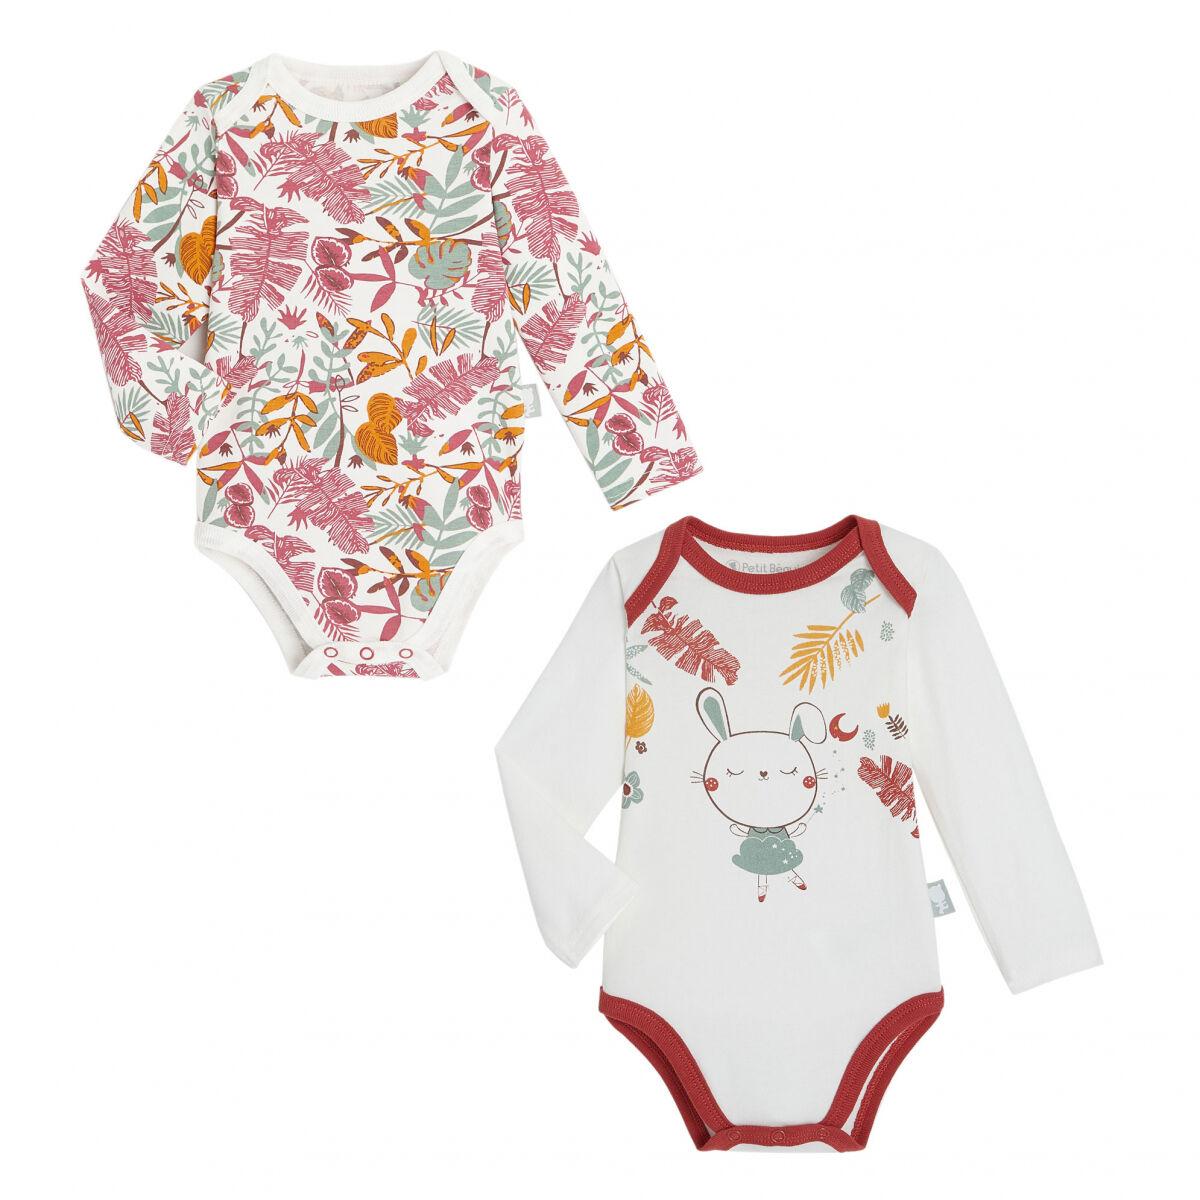 Petit Béguin Lot de 2 bodies bébé fille manches longues contenant du coton bio BonjourAmour - Taille - 24 mois